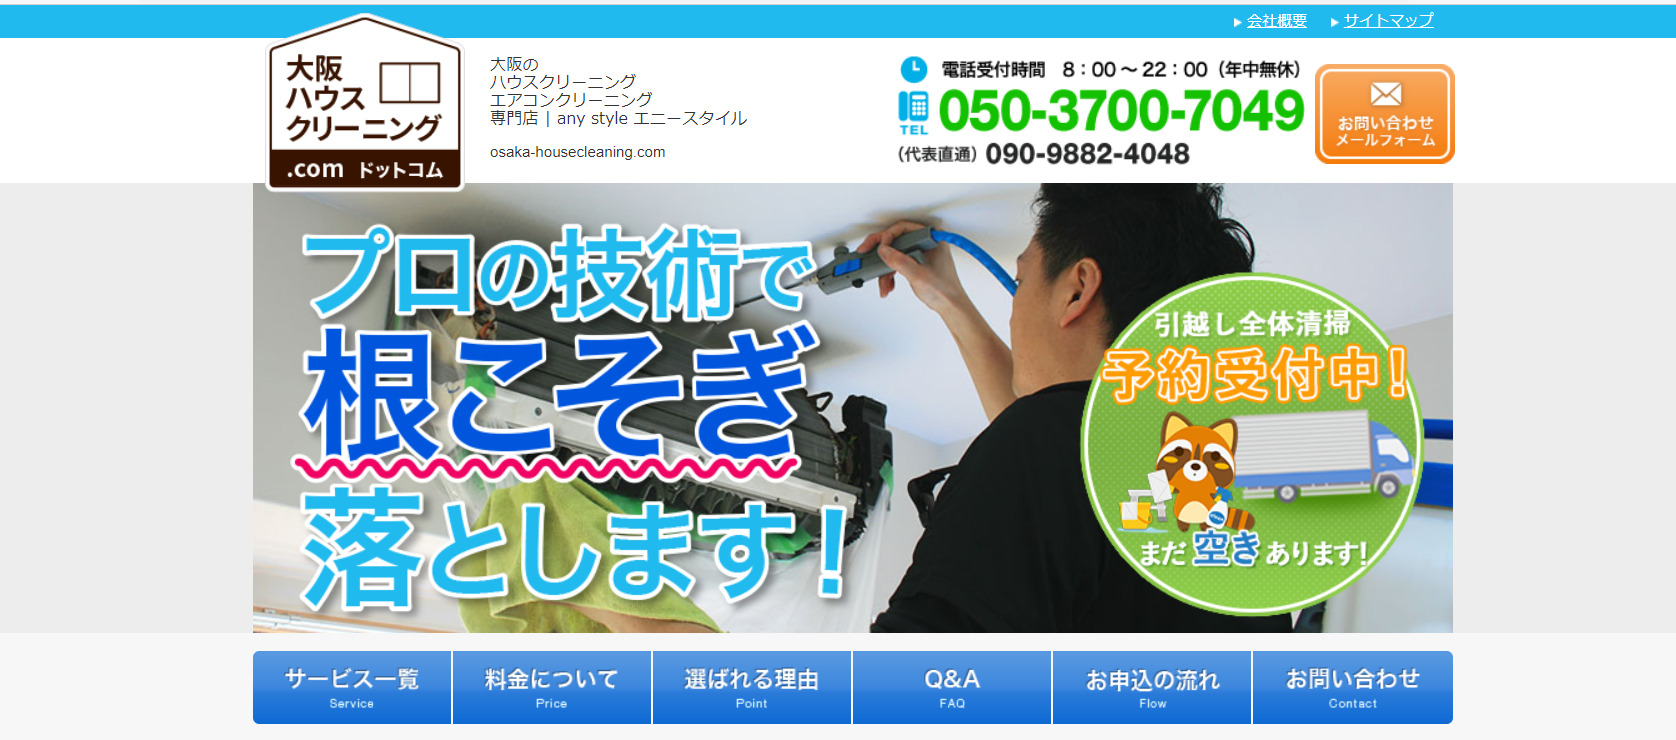 大阪 ハウスクリーニング